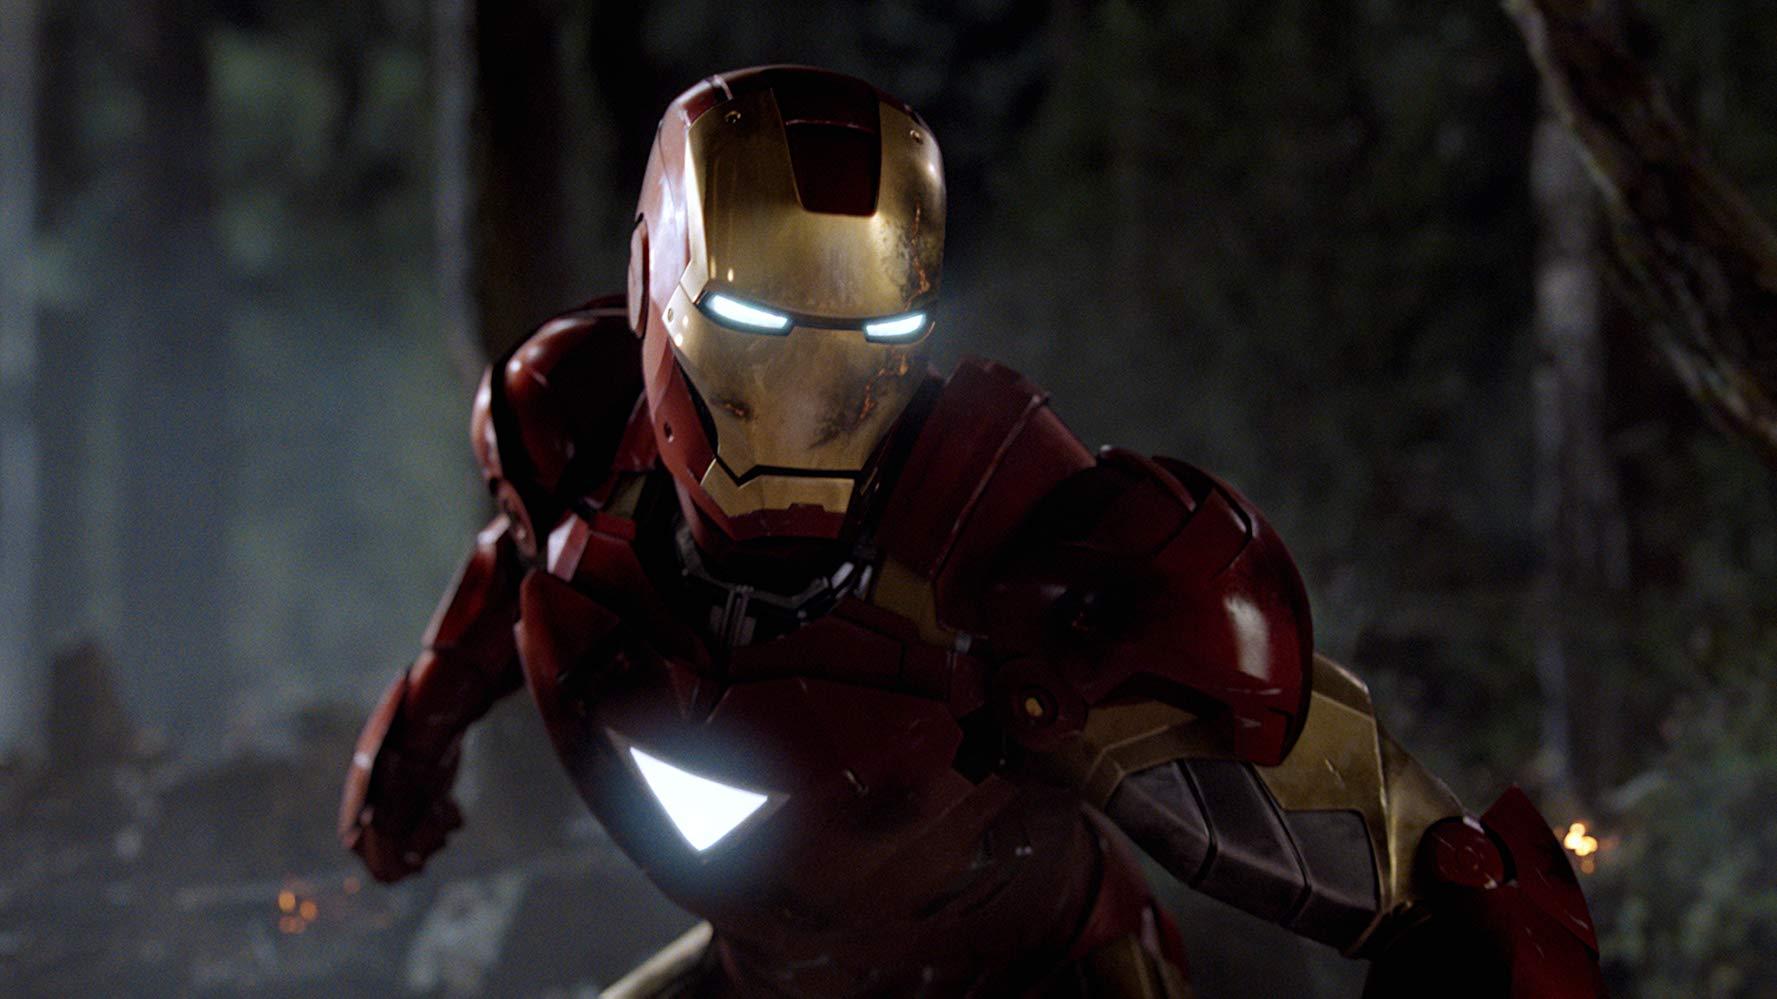 Круглый стол. Вчетвертой фазе MCU пока нет Мстителей— хорошо это или плохо?